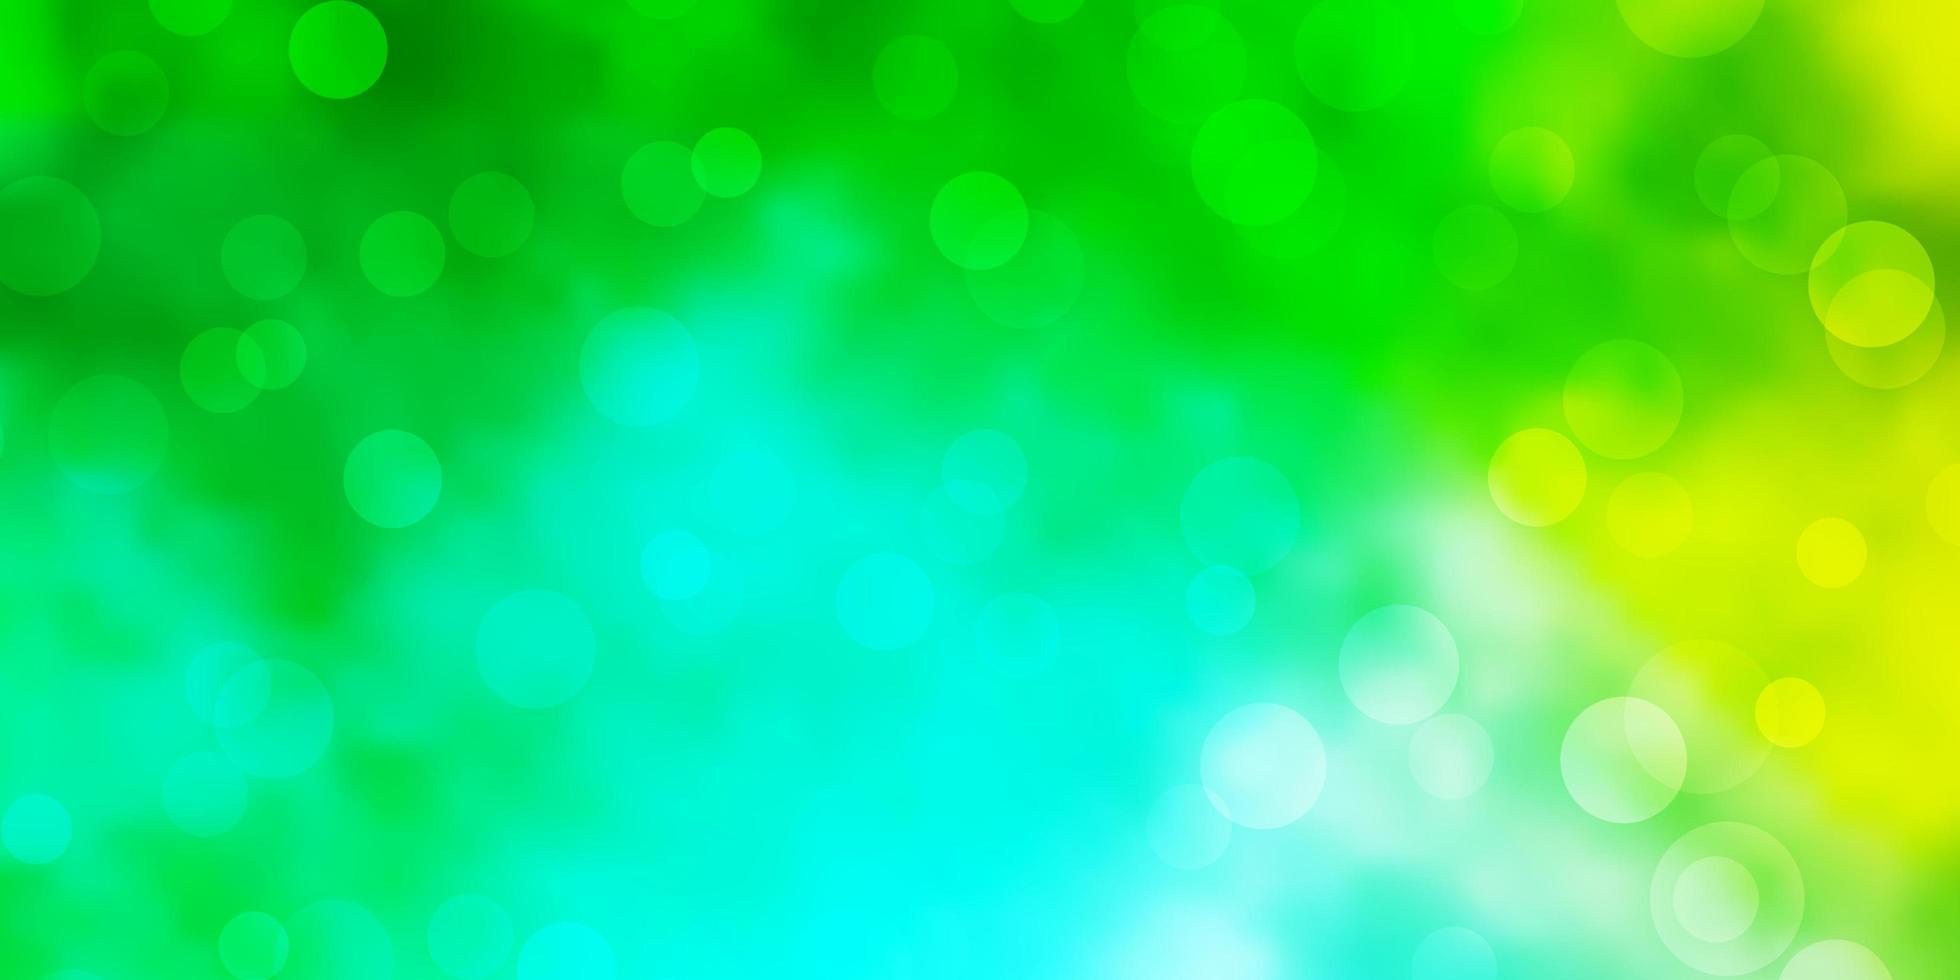 fundo azul claro, verde do vetor com círculos.